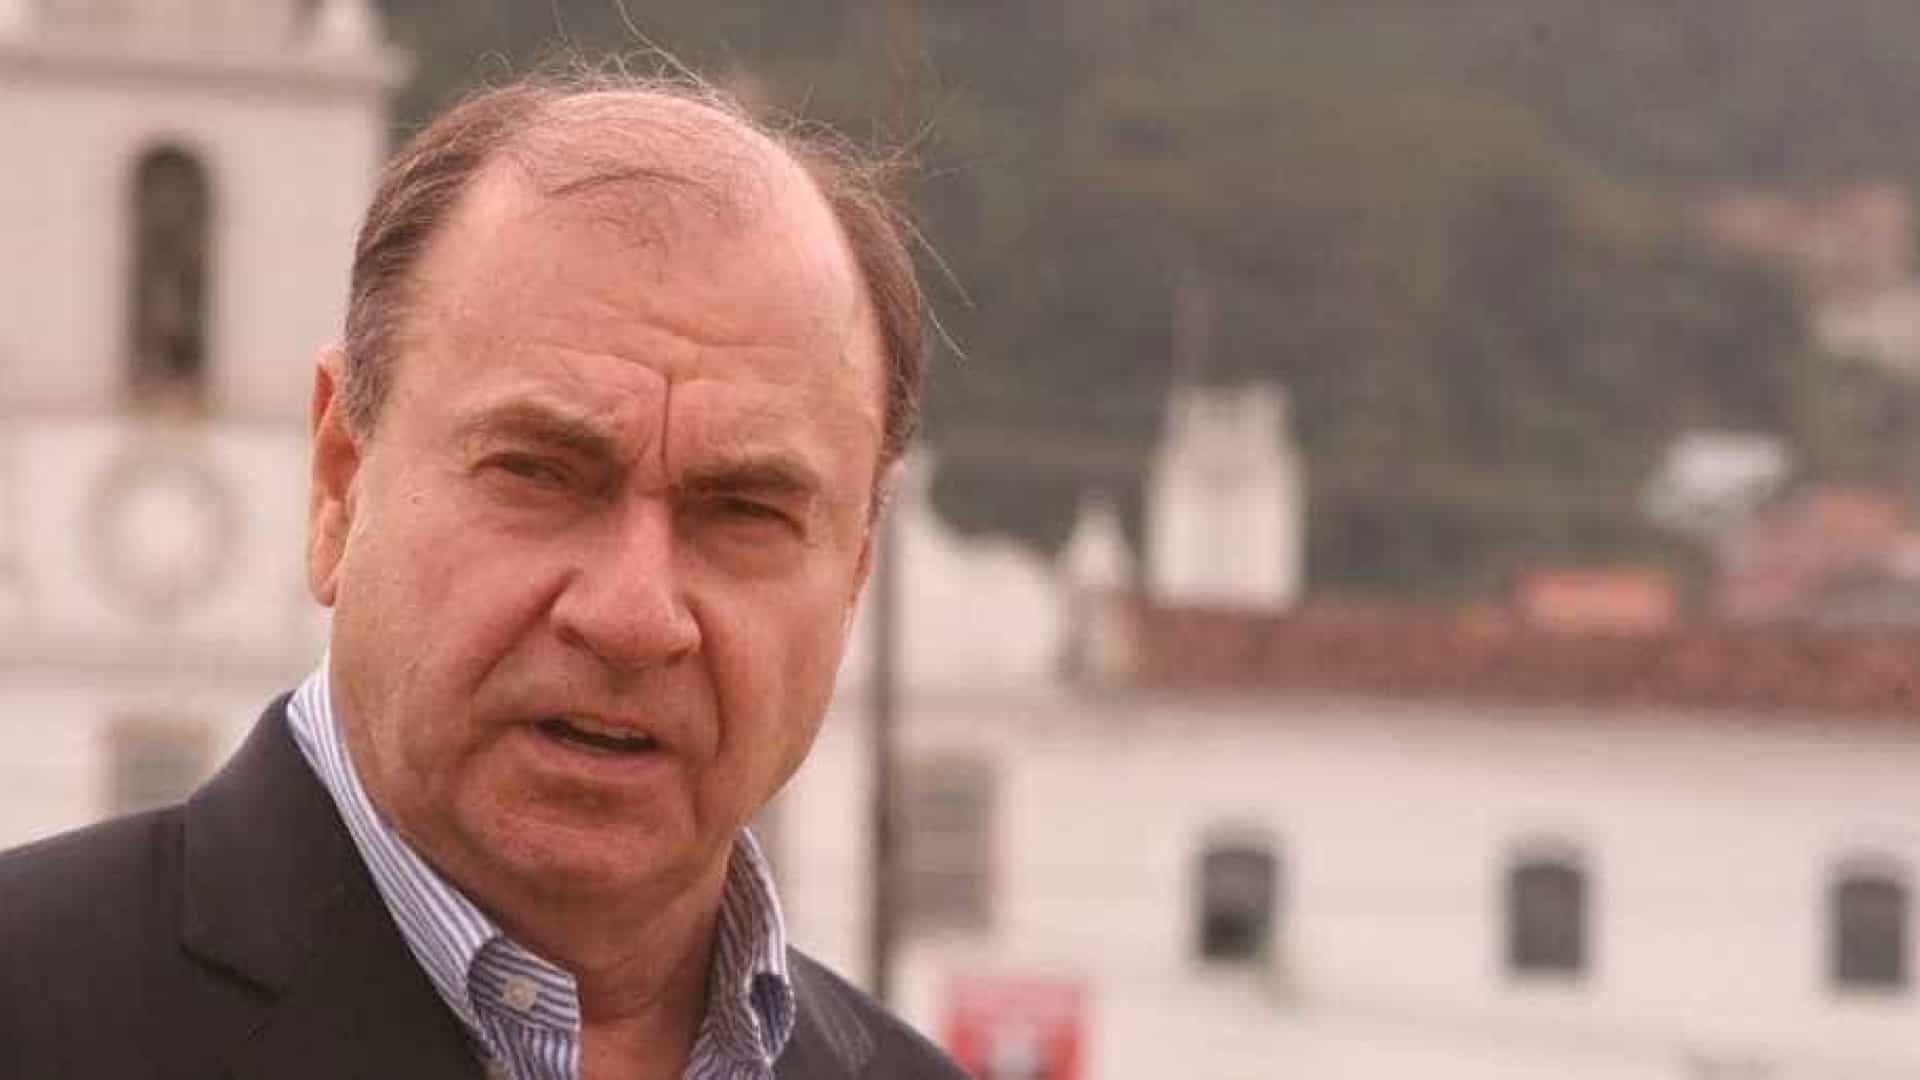 César Maia diz que não há 'fato contundente' para impeachment